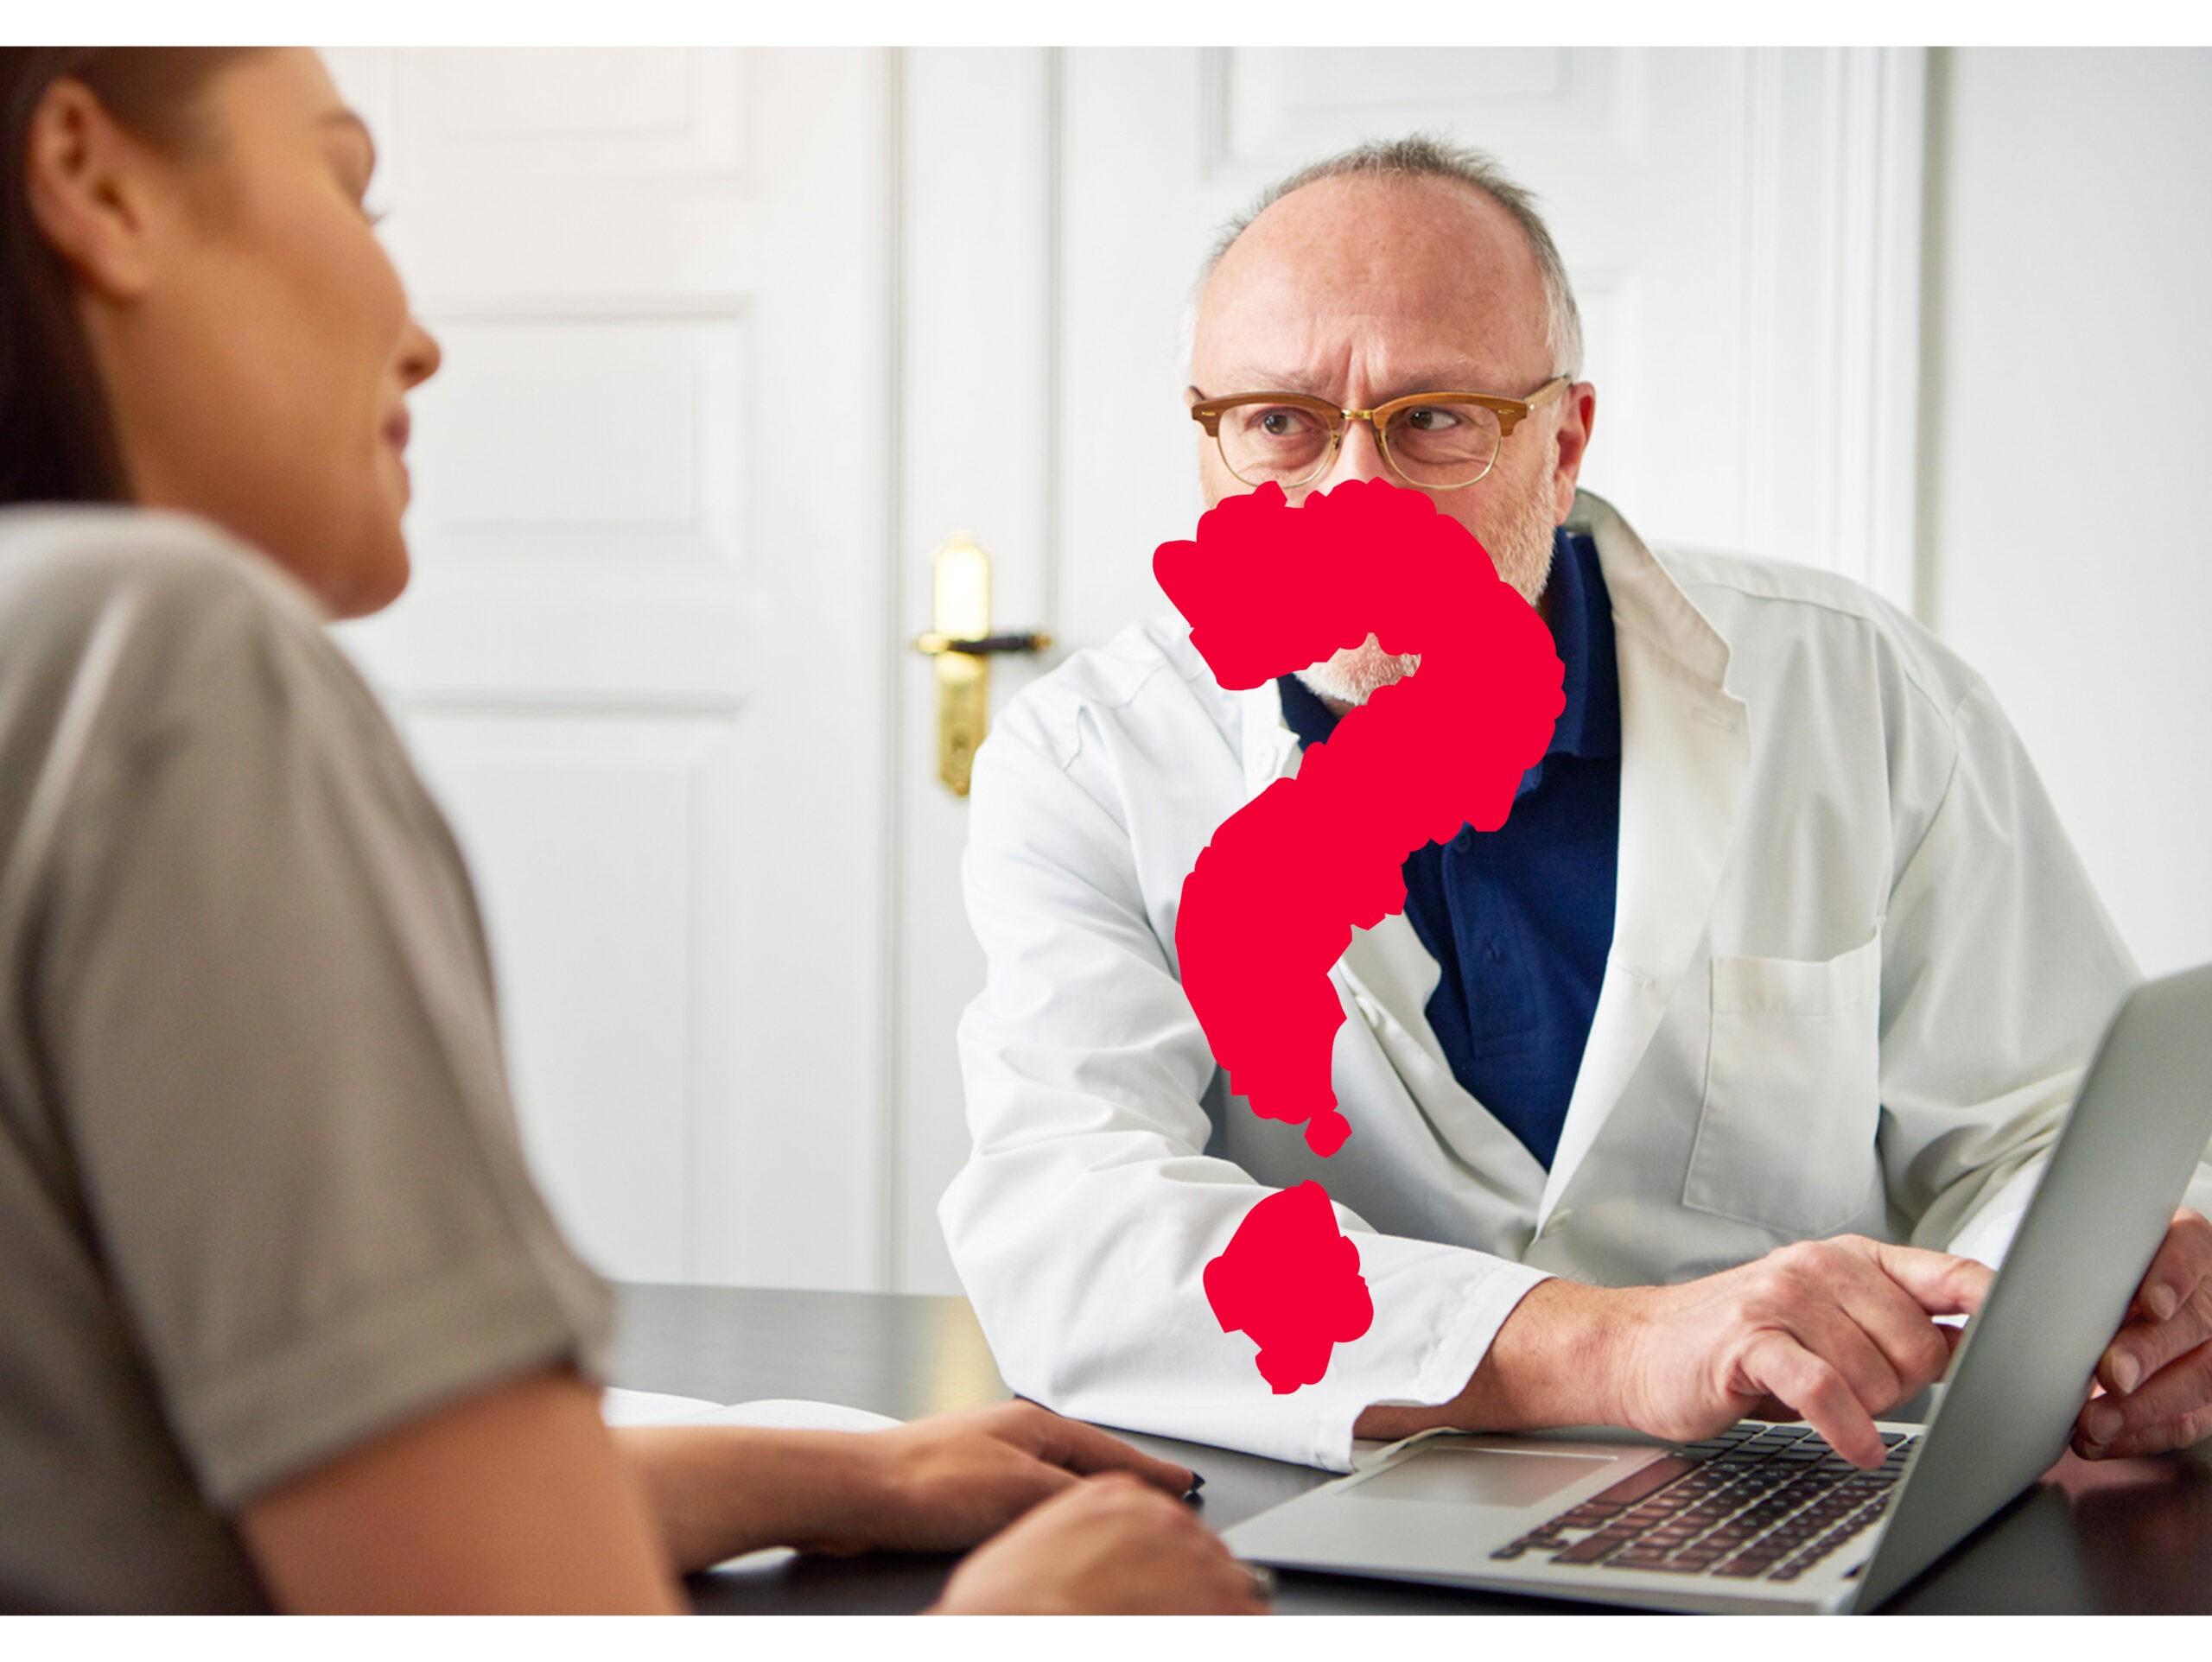 SI SPOGLI… PRESO FALSO MEDICO